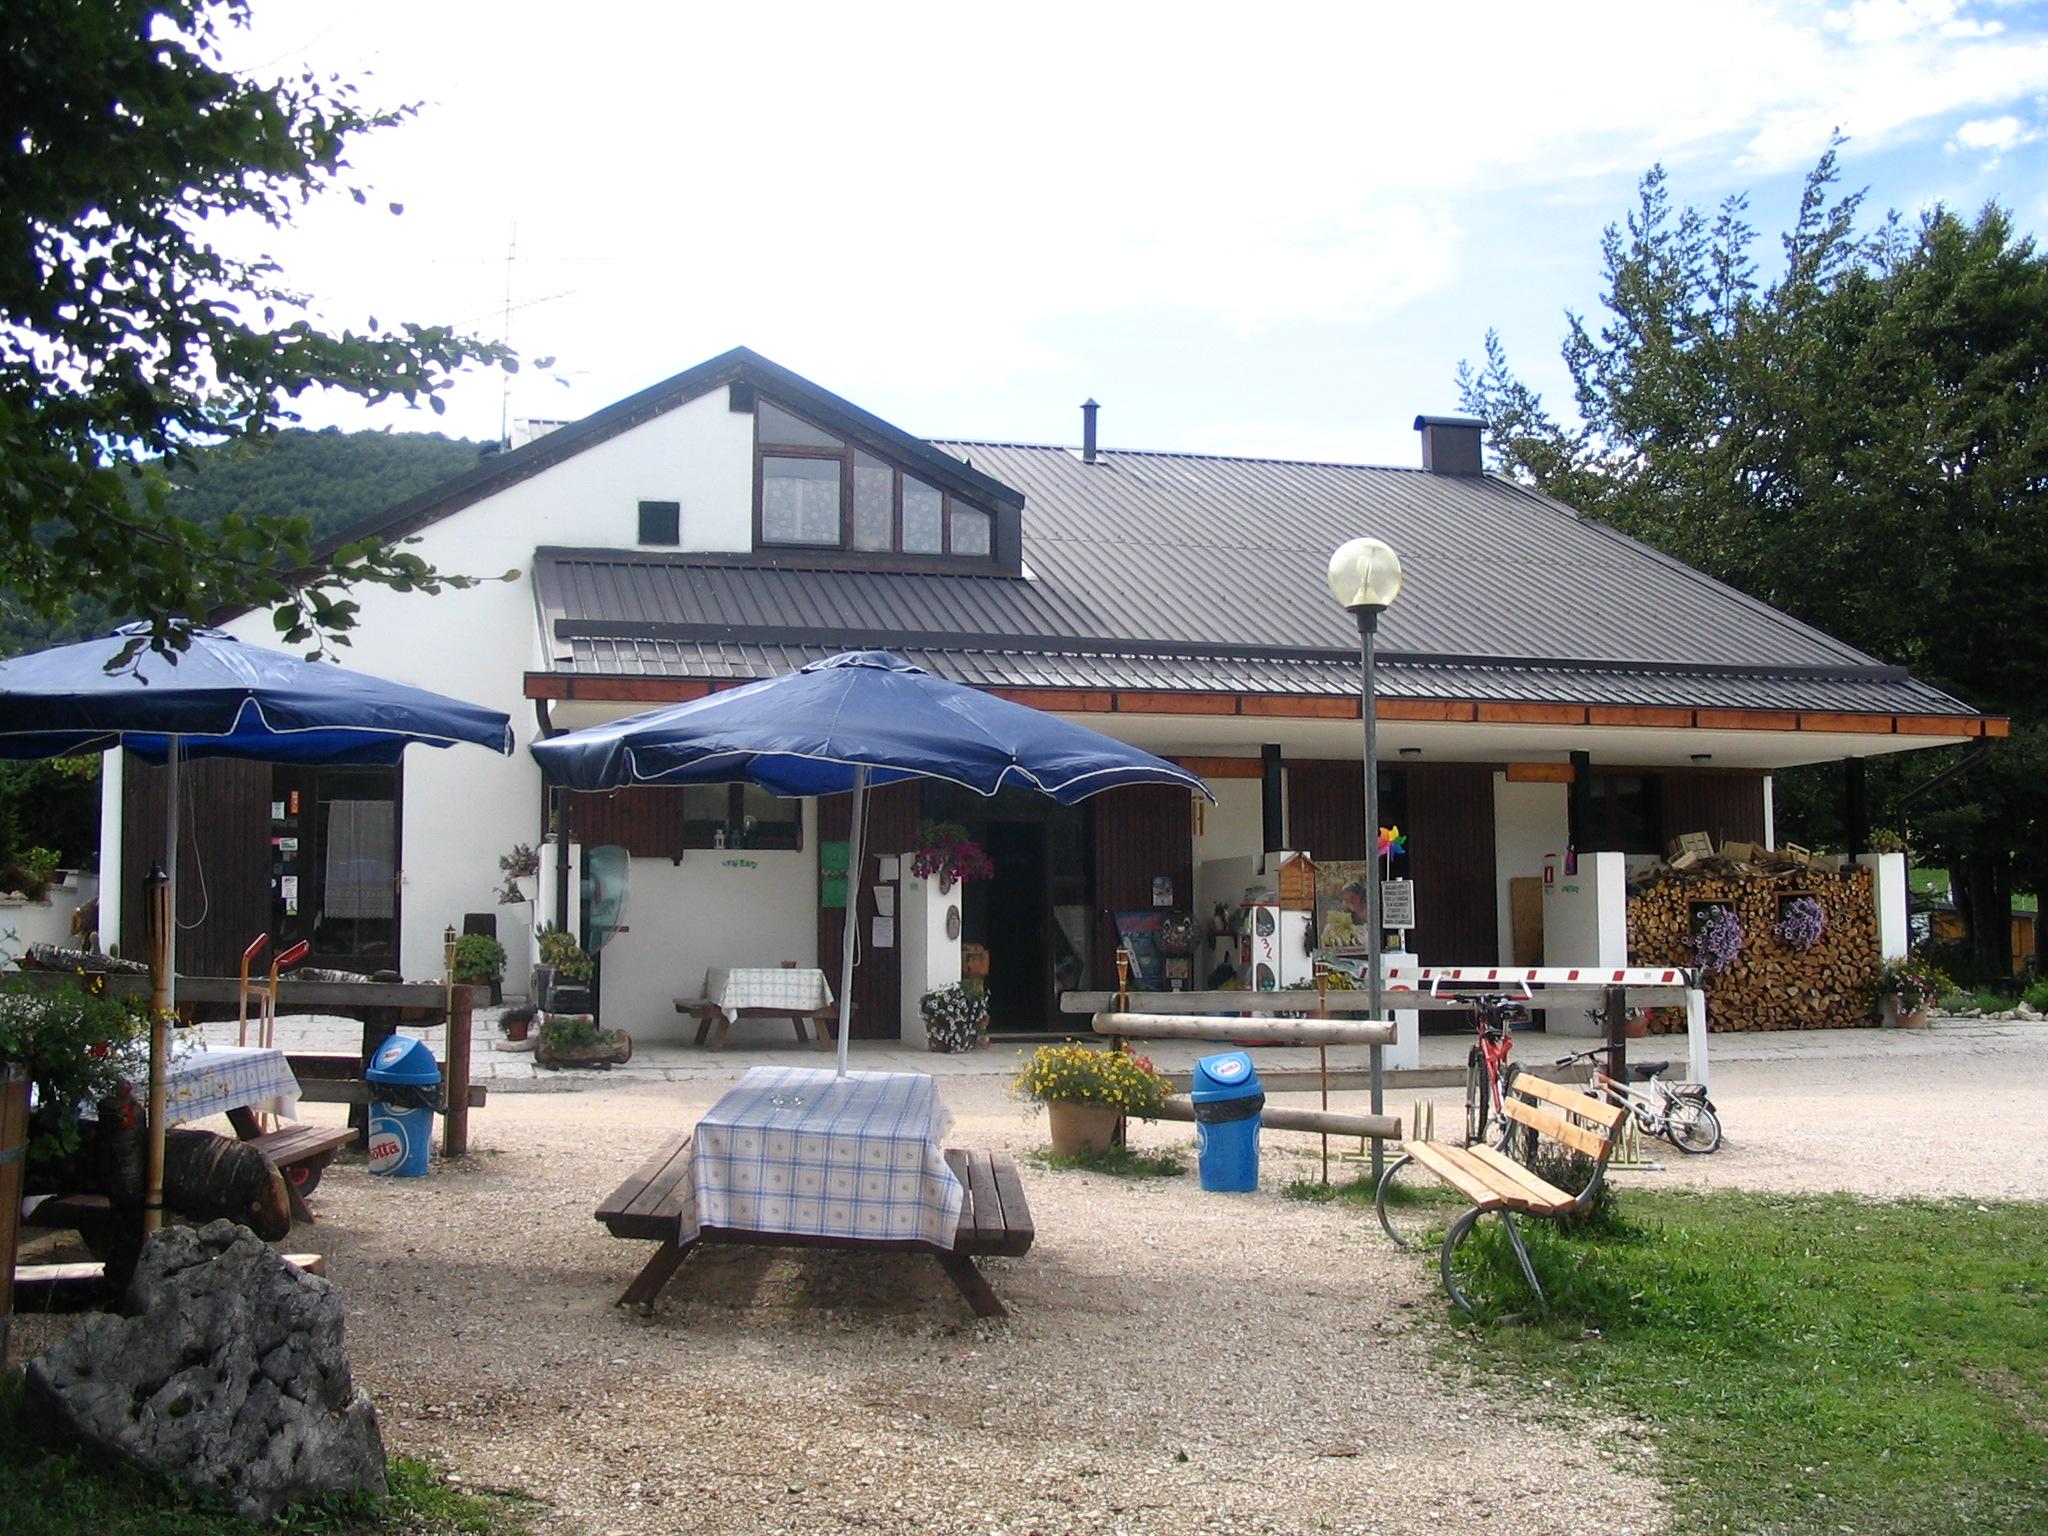 Camping Al Faggio - Ingresso